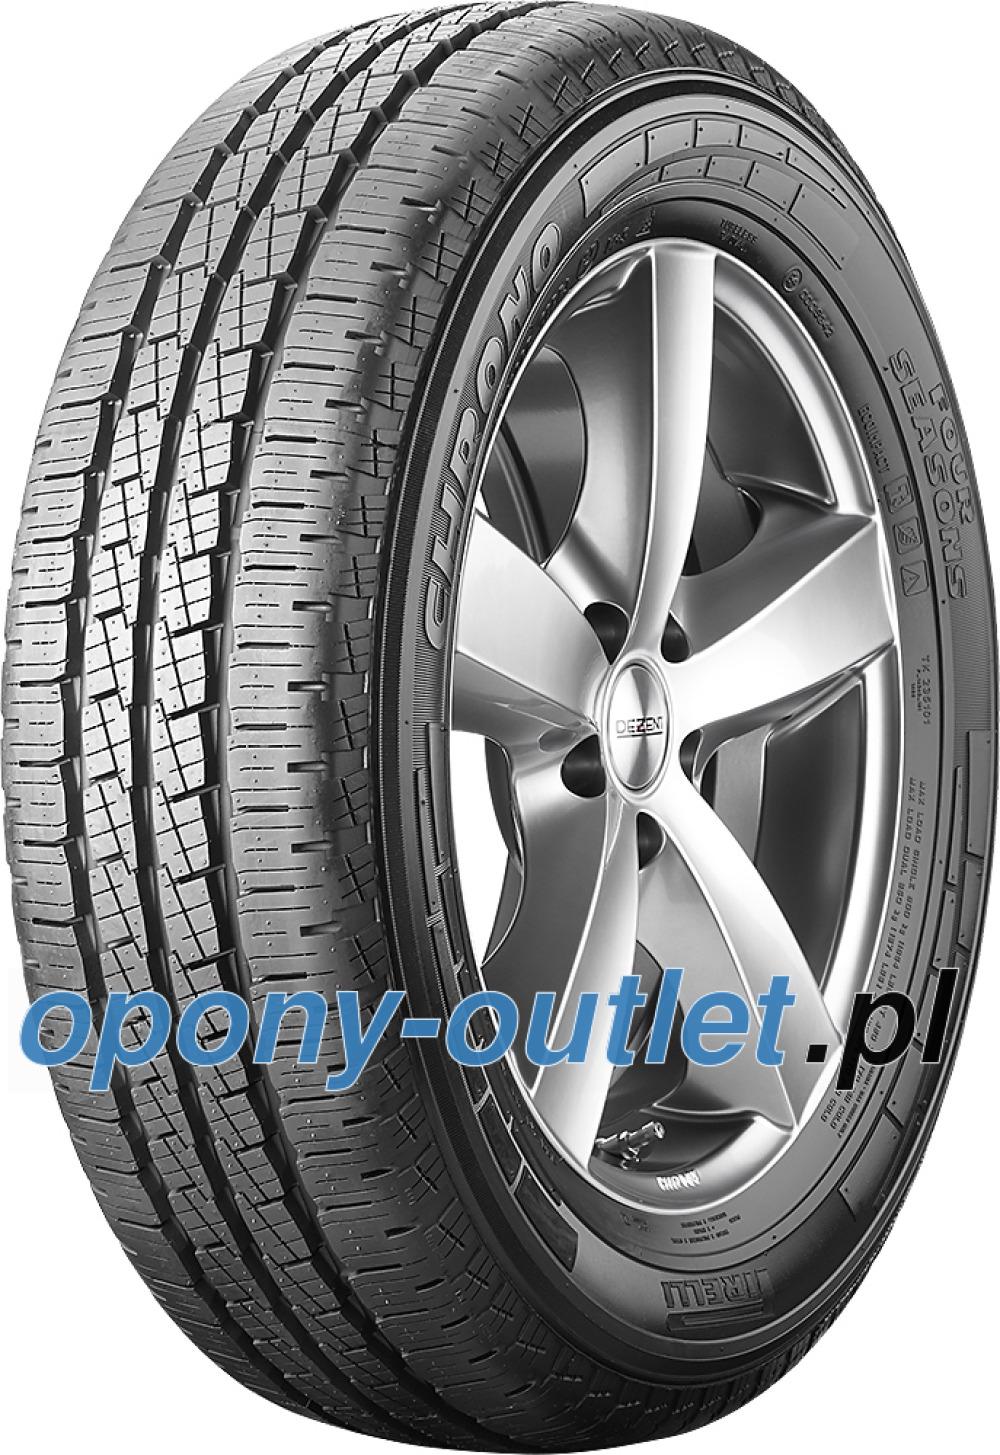 Pirelli Chrono Four Seasons 22570 R15c 112110s Opony Outletpl